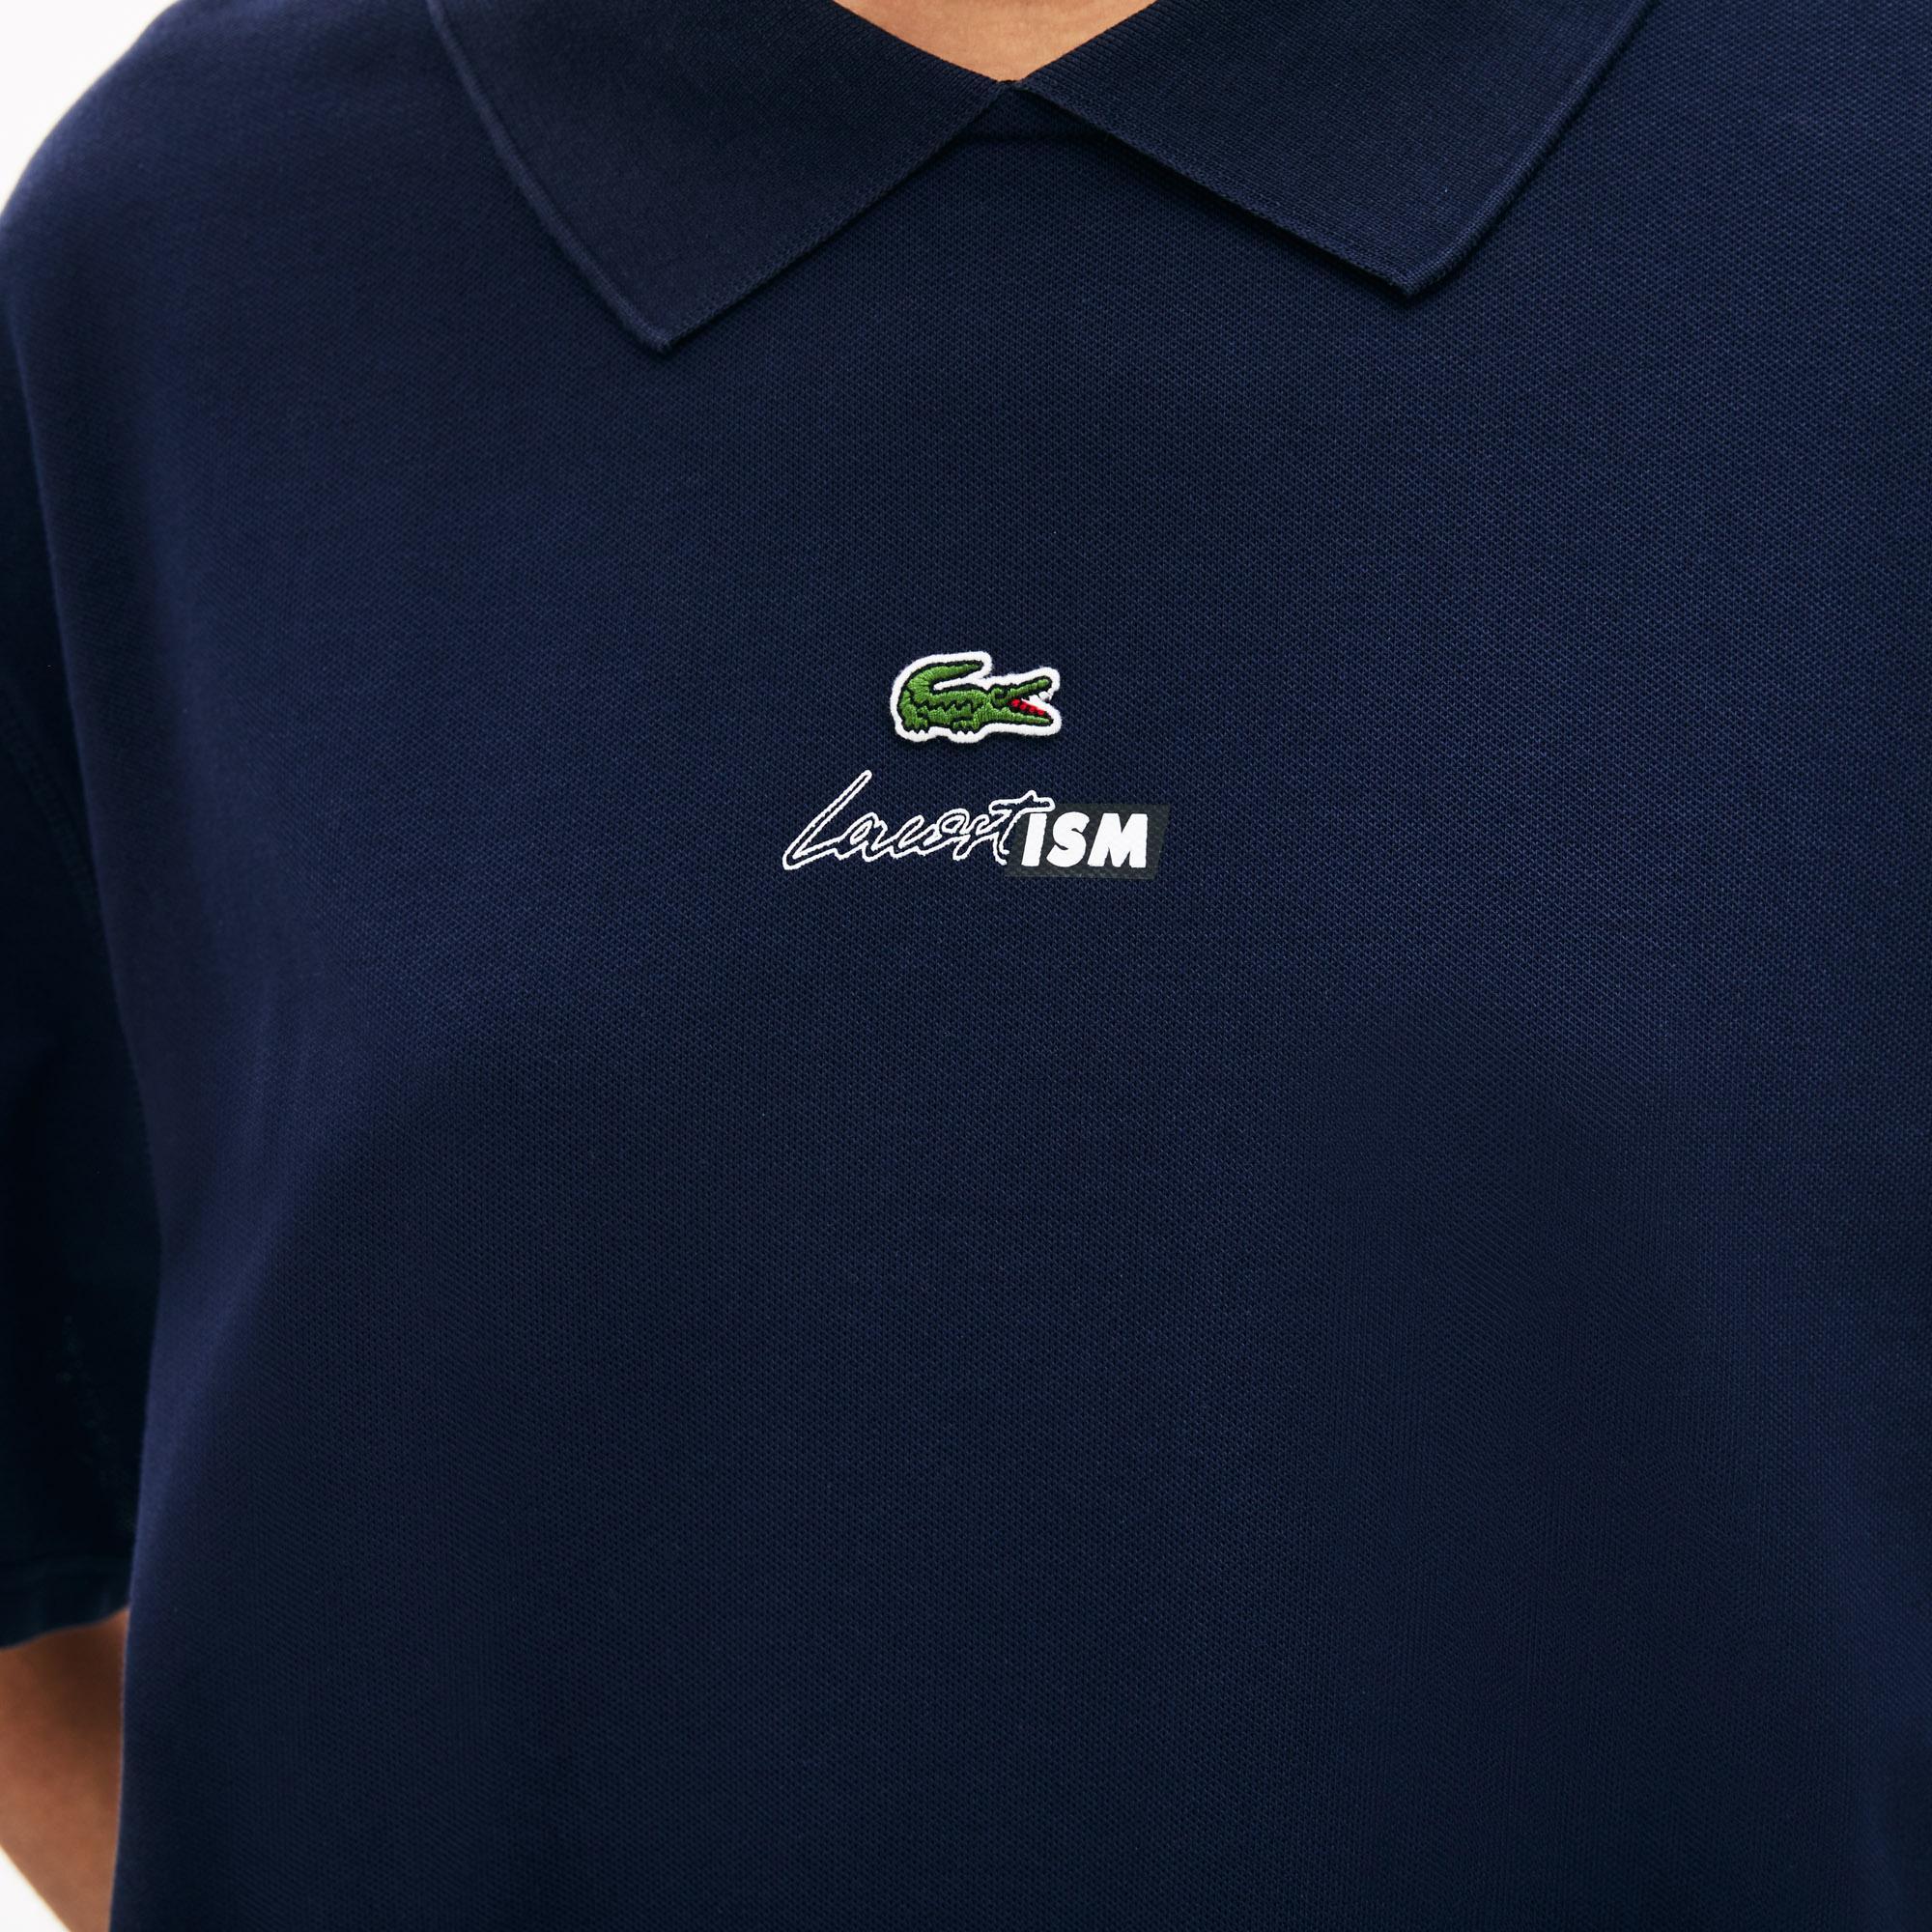 Lacoste LIVE Damska Koszulka Polo O Luźnym Kroju Z Elastycznej Piki Z Kołnierzykiem Na Zamek Błyskawiczny